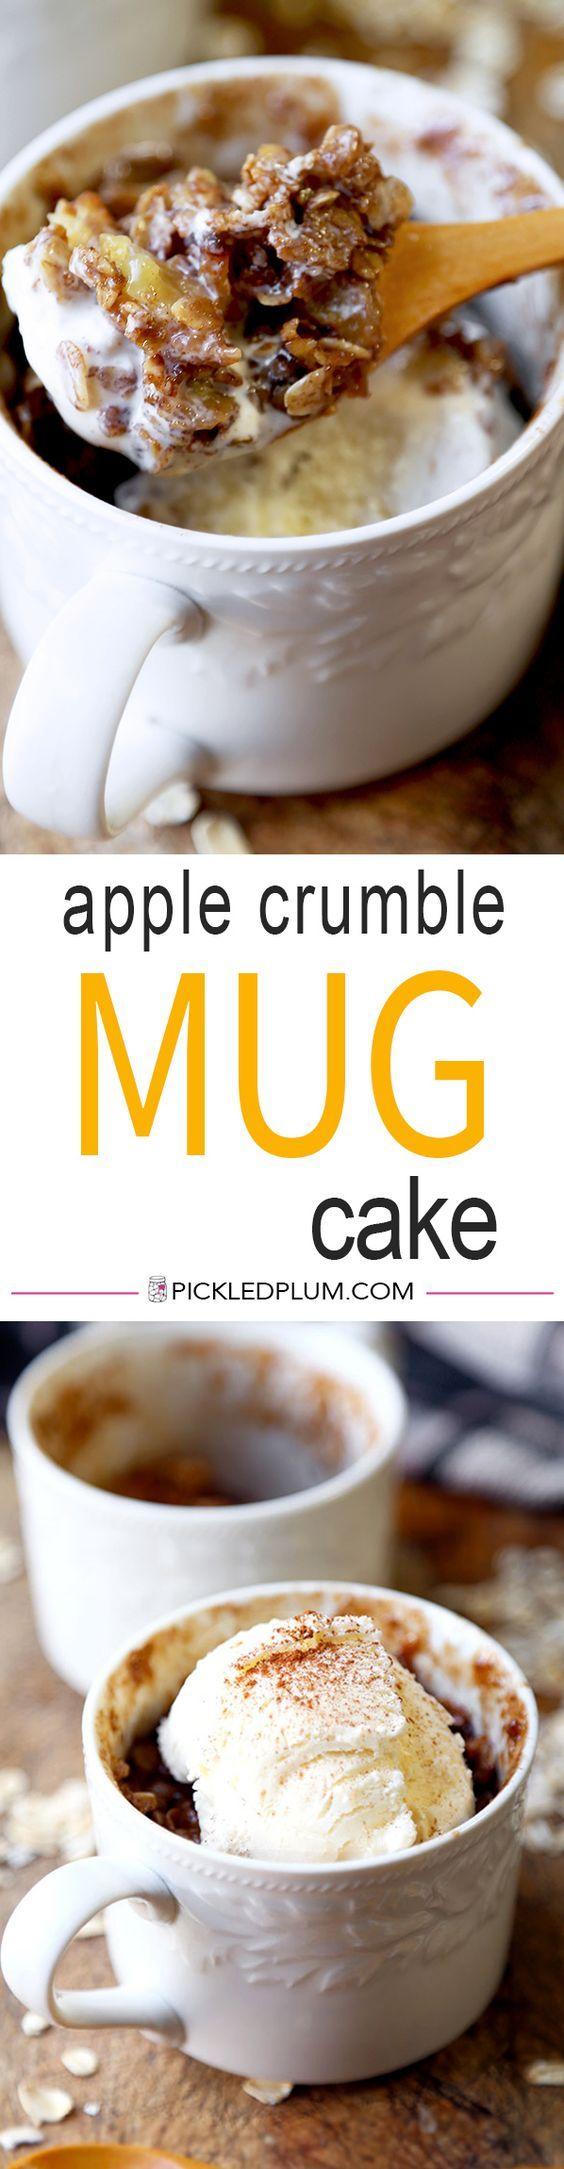 Apple Crumble Mug Cake | Recipe (With images) | Mug ...